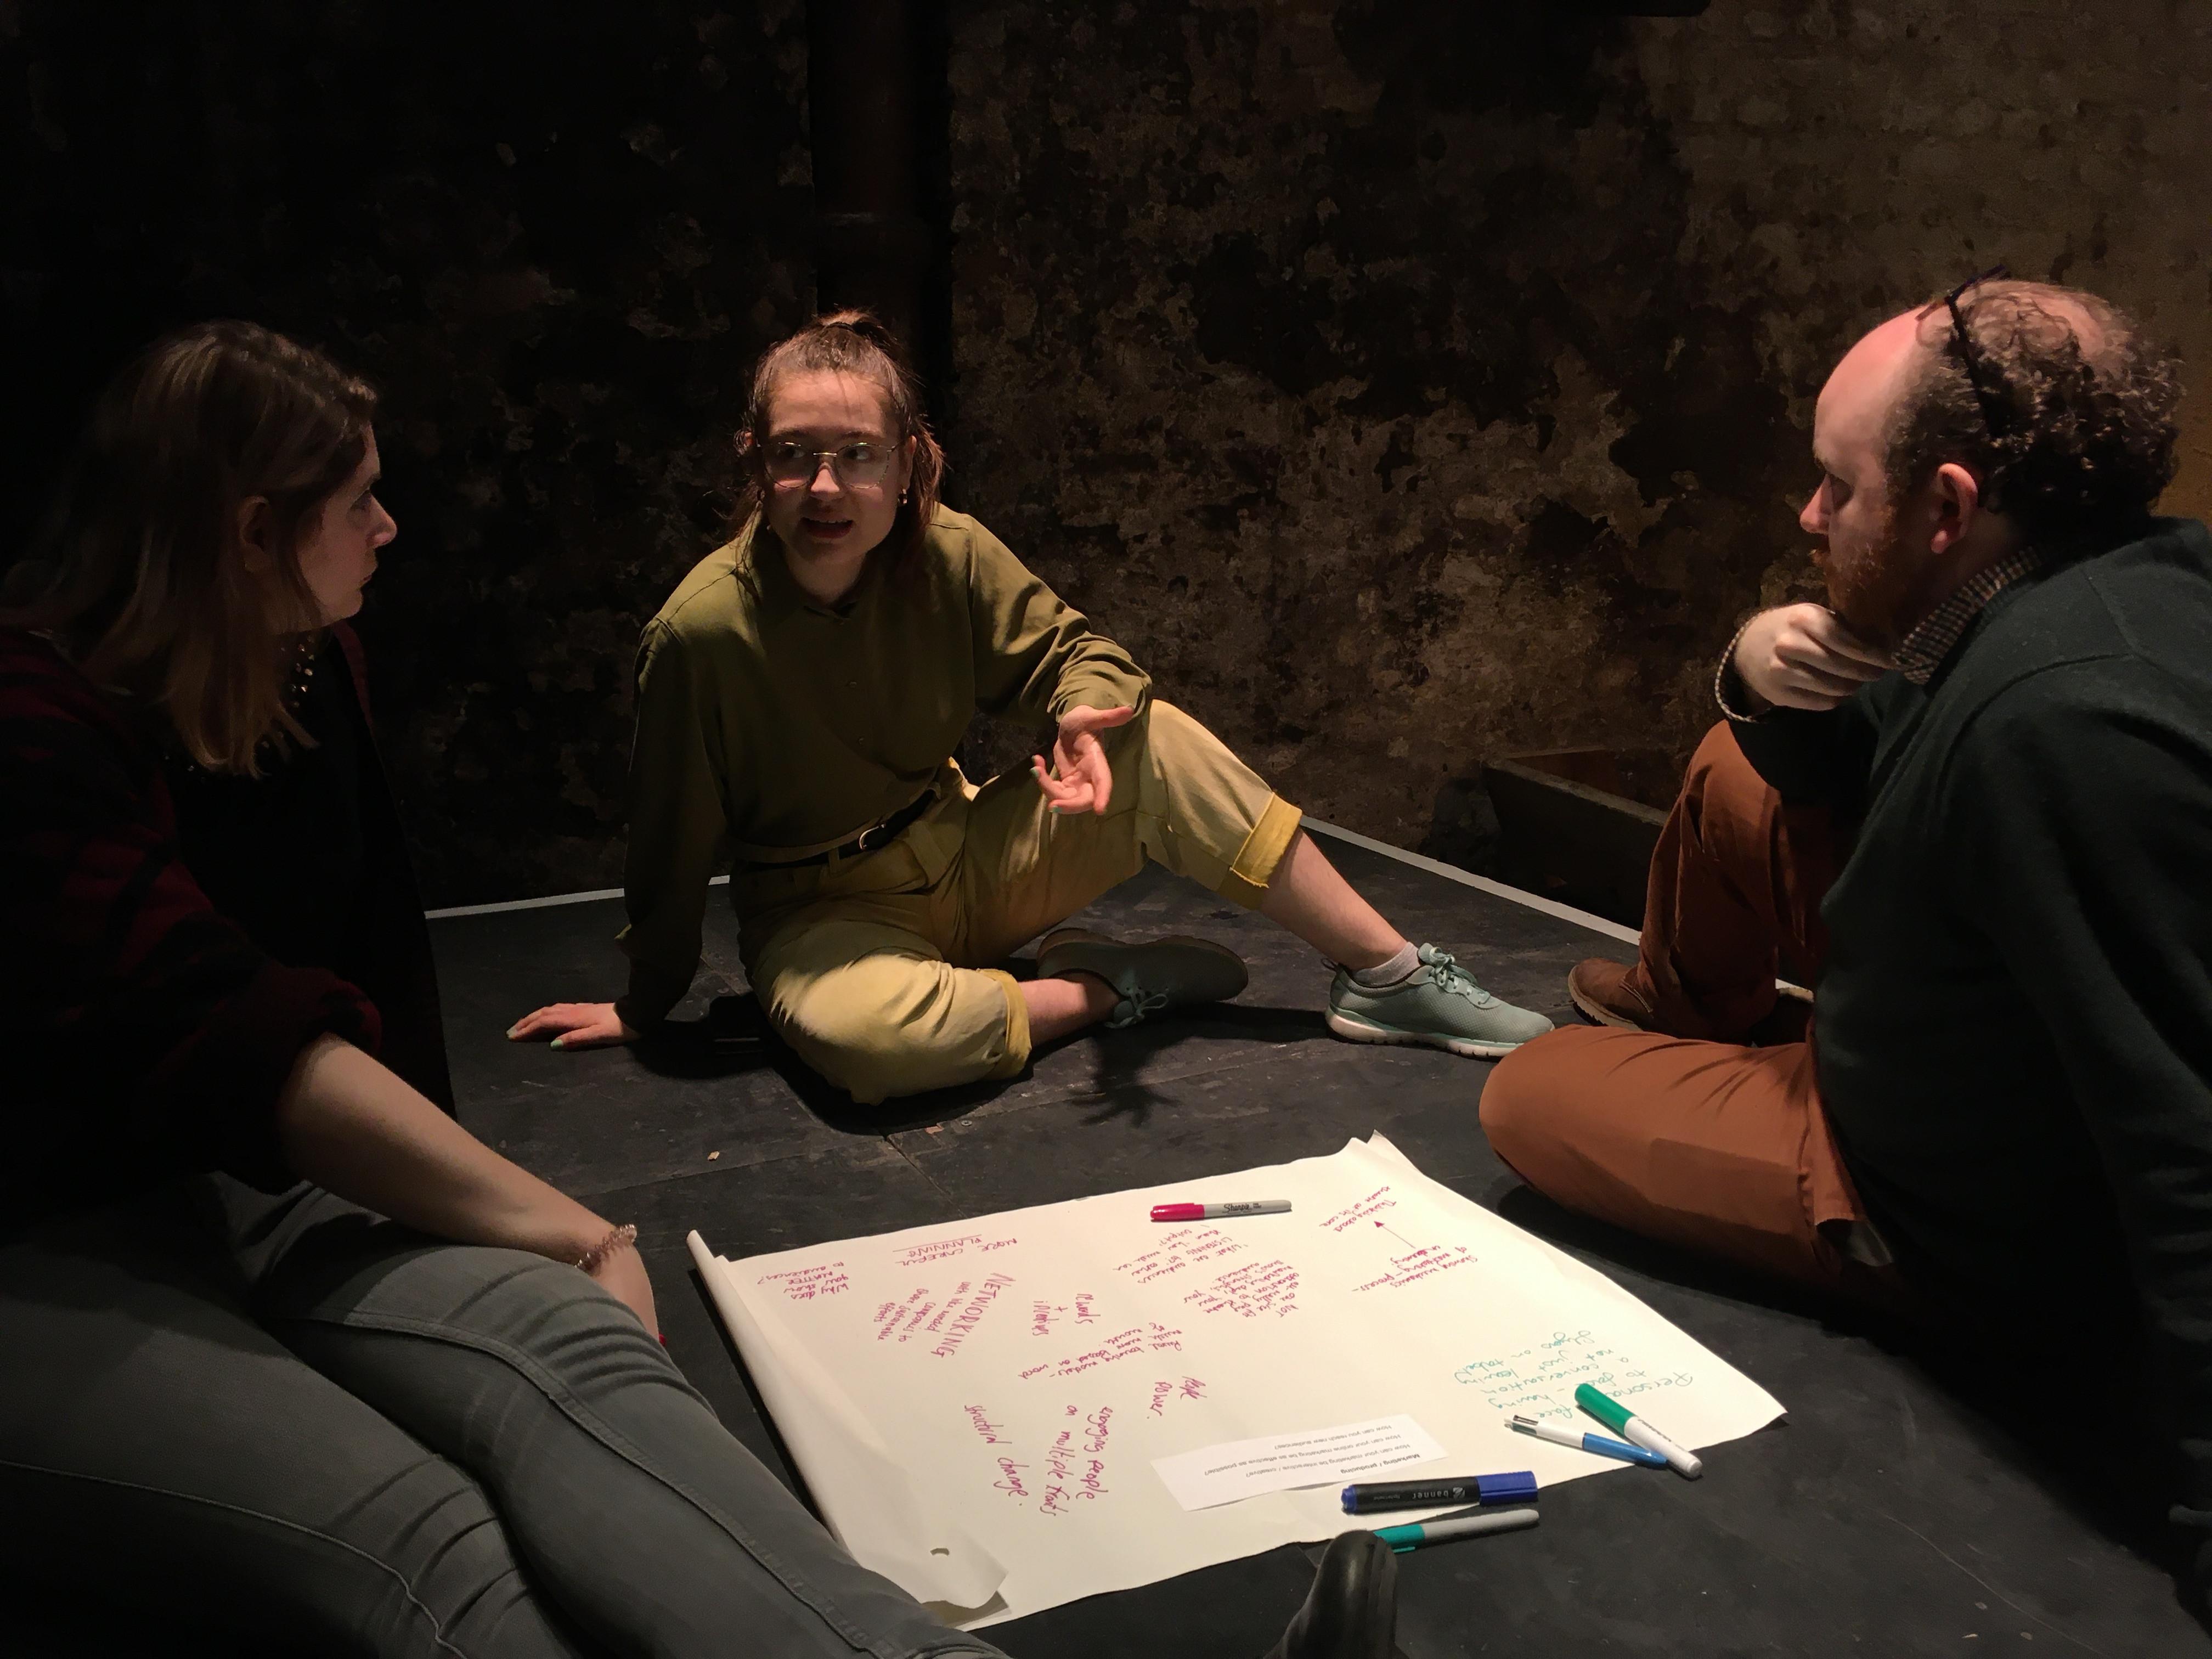 Workshop: Green Up Your EdFringe